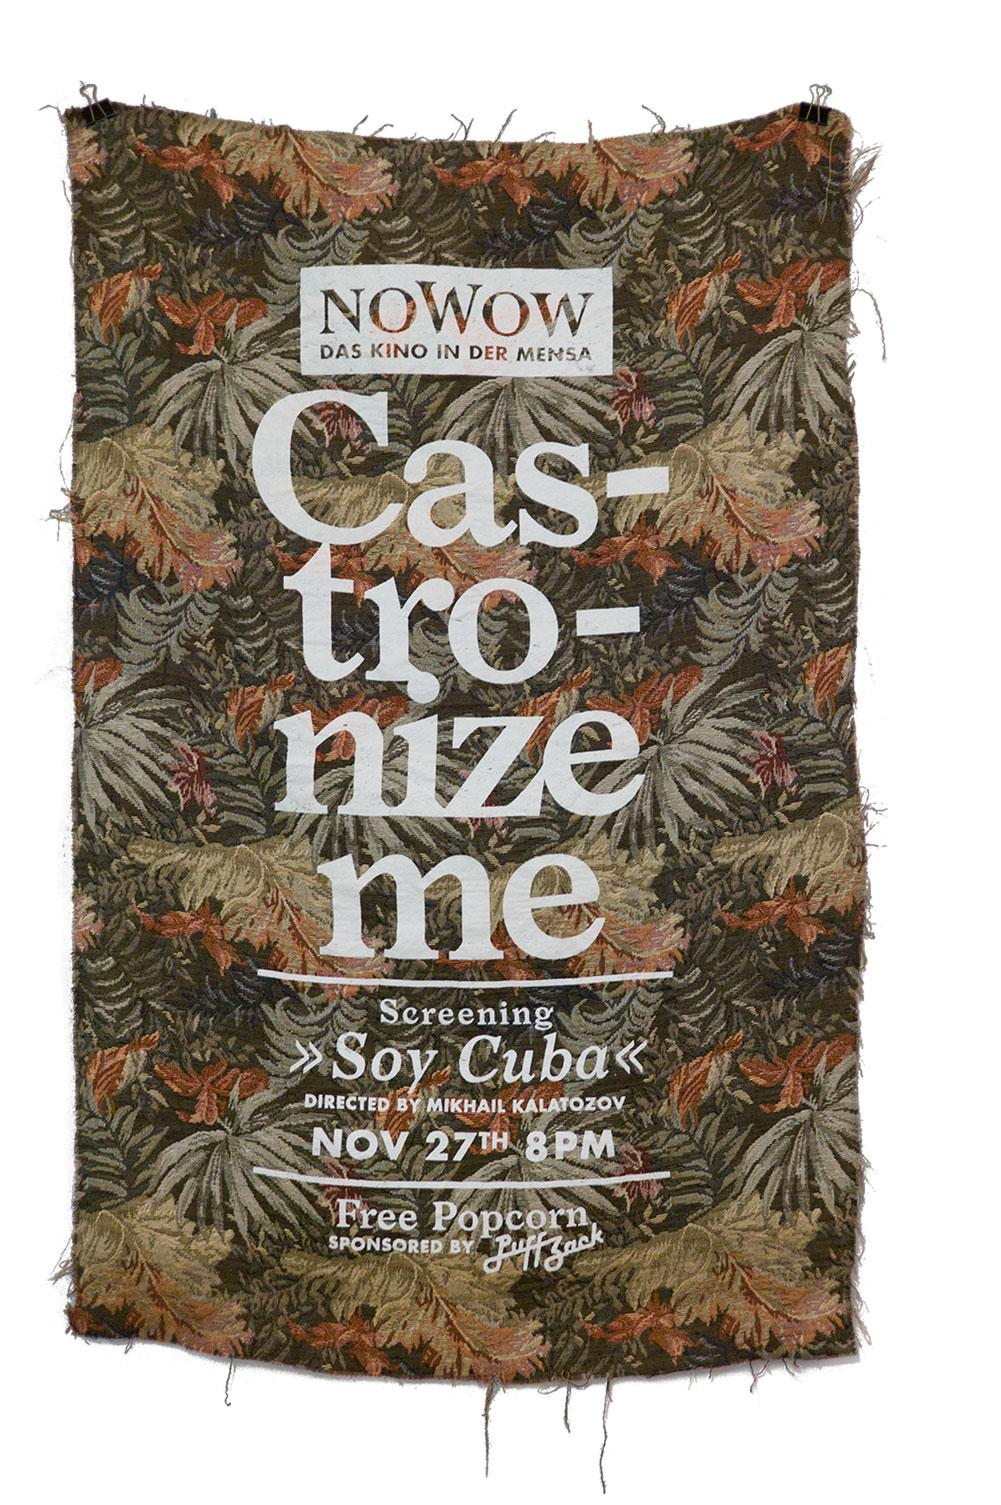 NOWOW – Das Kino in der Mensa